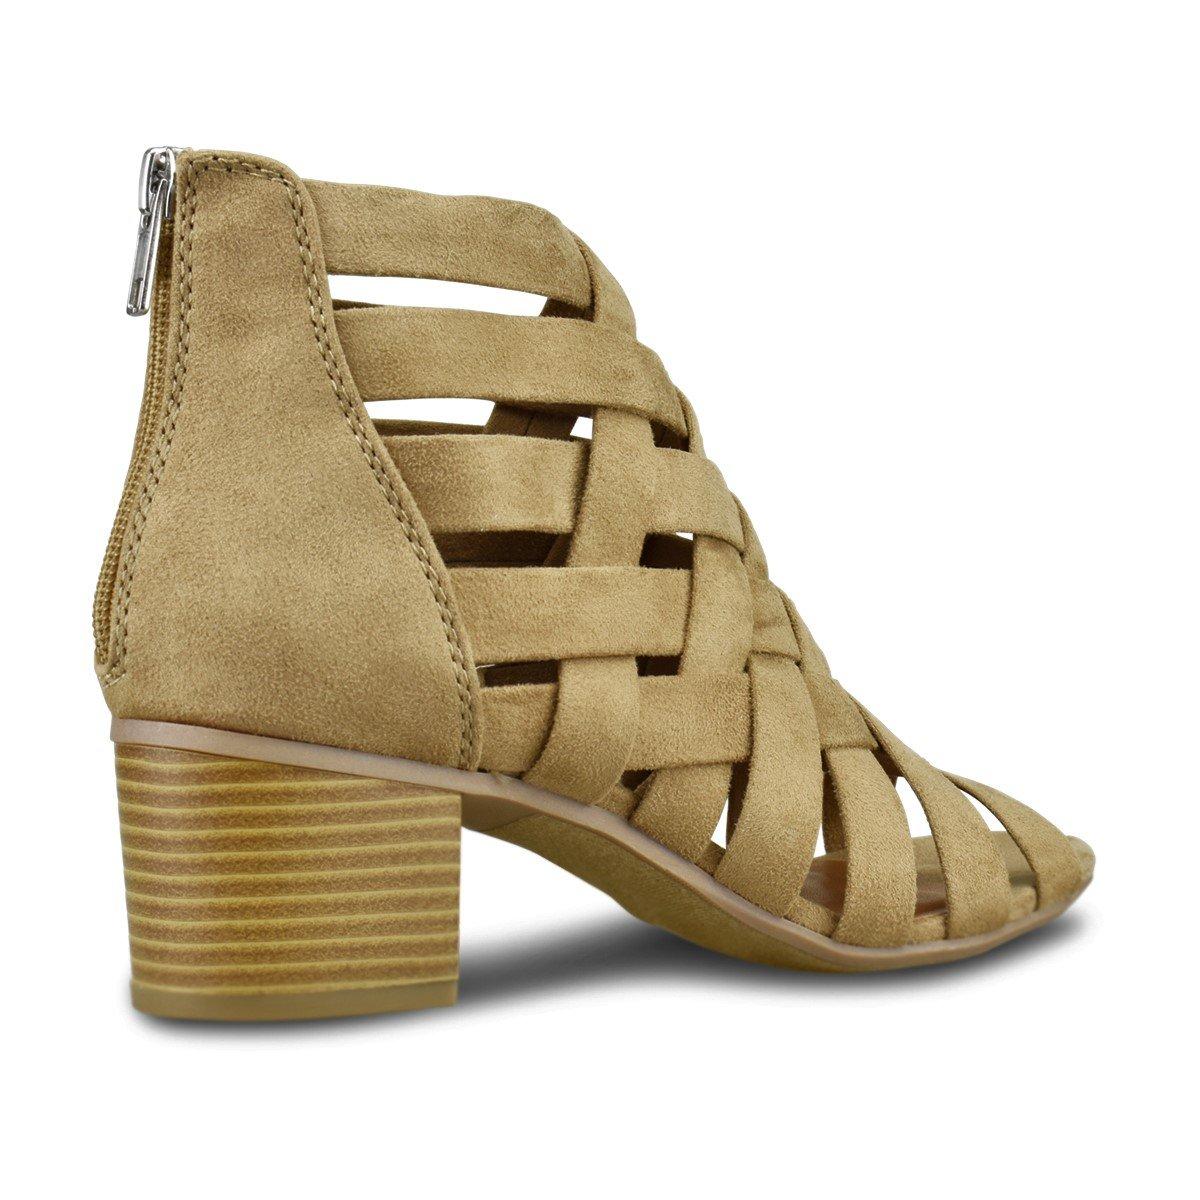 b4c6e677bee Premier Standard - Women's Peep Toe Bootie - Stacked Suede Mule Low Heel -  Open Toe Cutout Ankle Strap